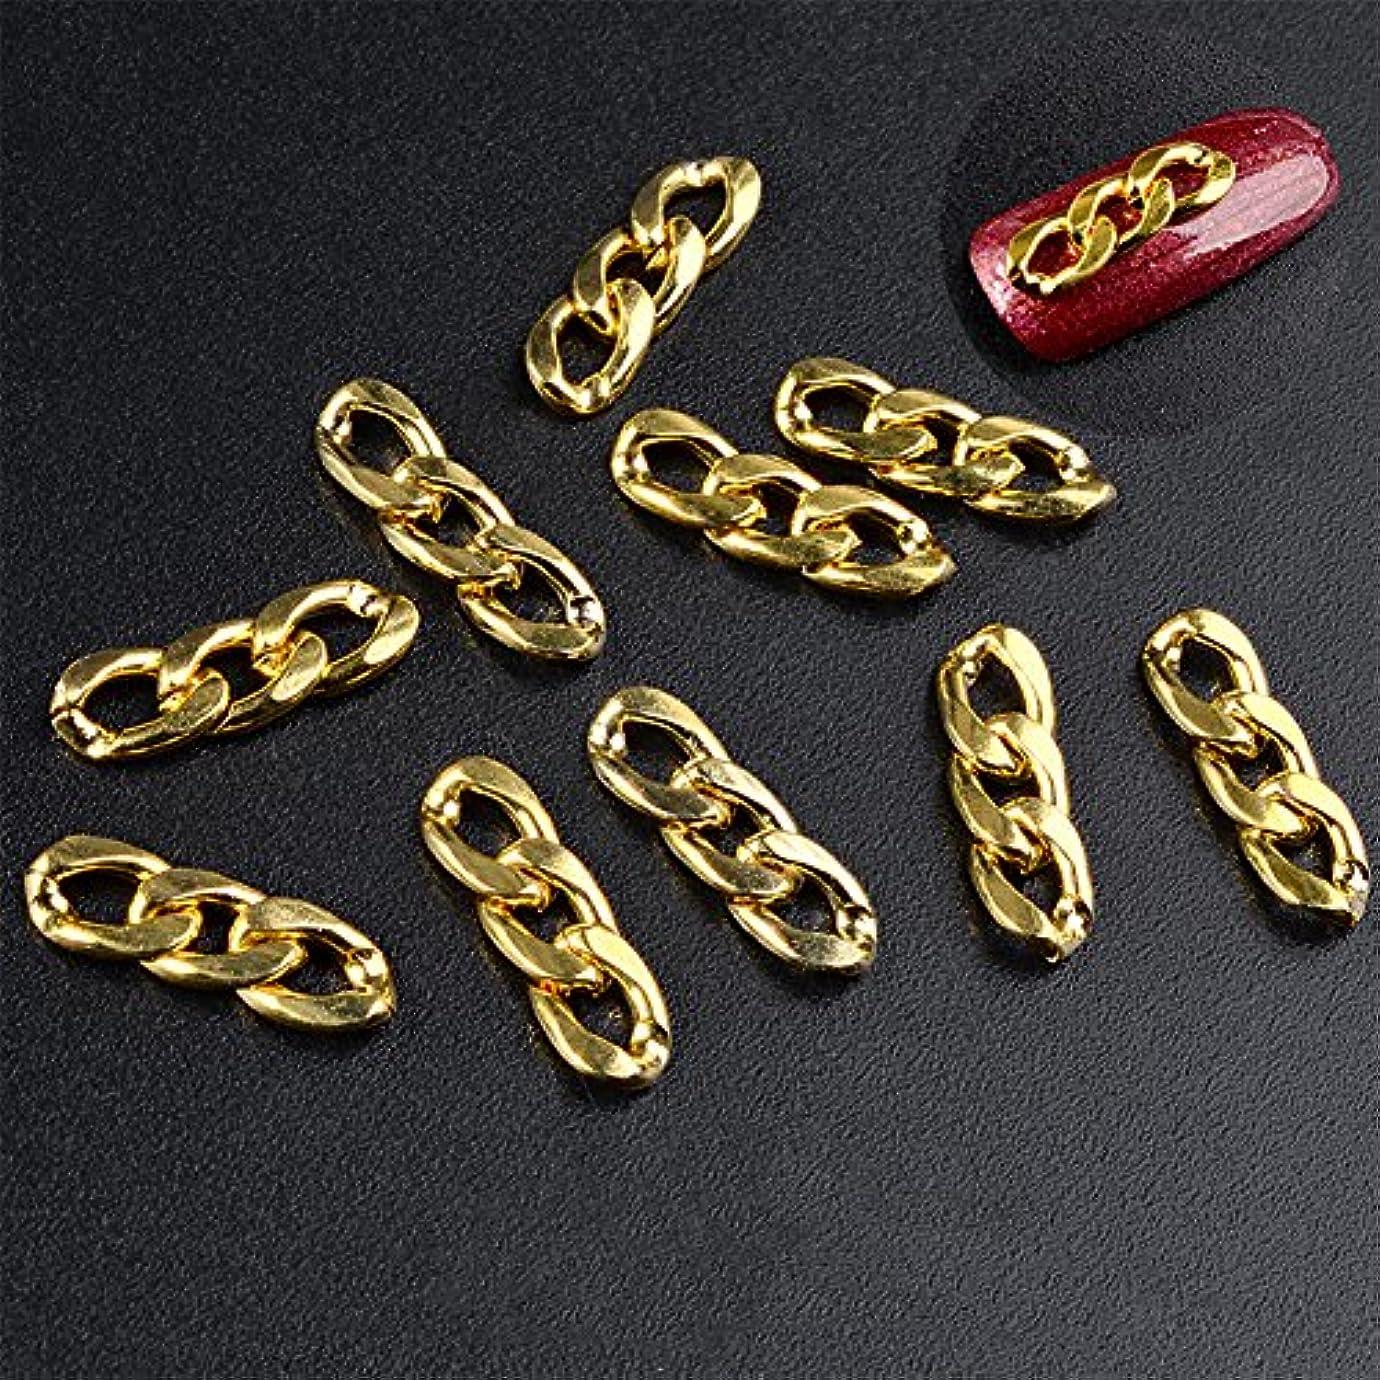 Rabugoo 10PCSシャイニーネイルアートチェーンの装飾マニキュア供給 gold